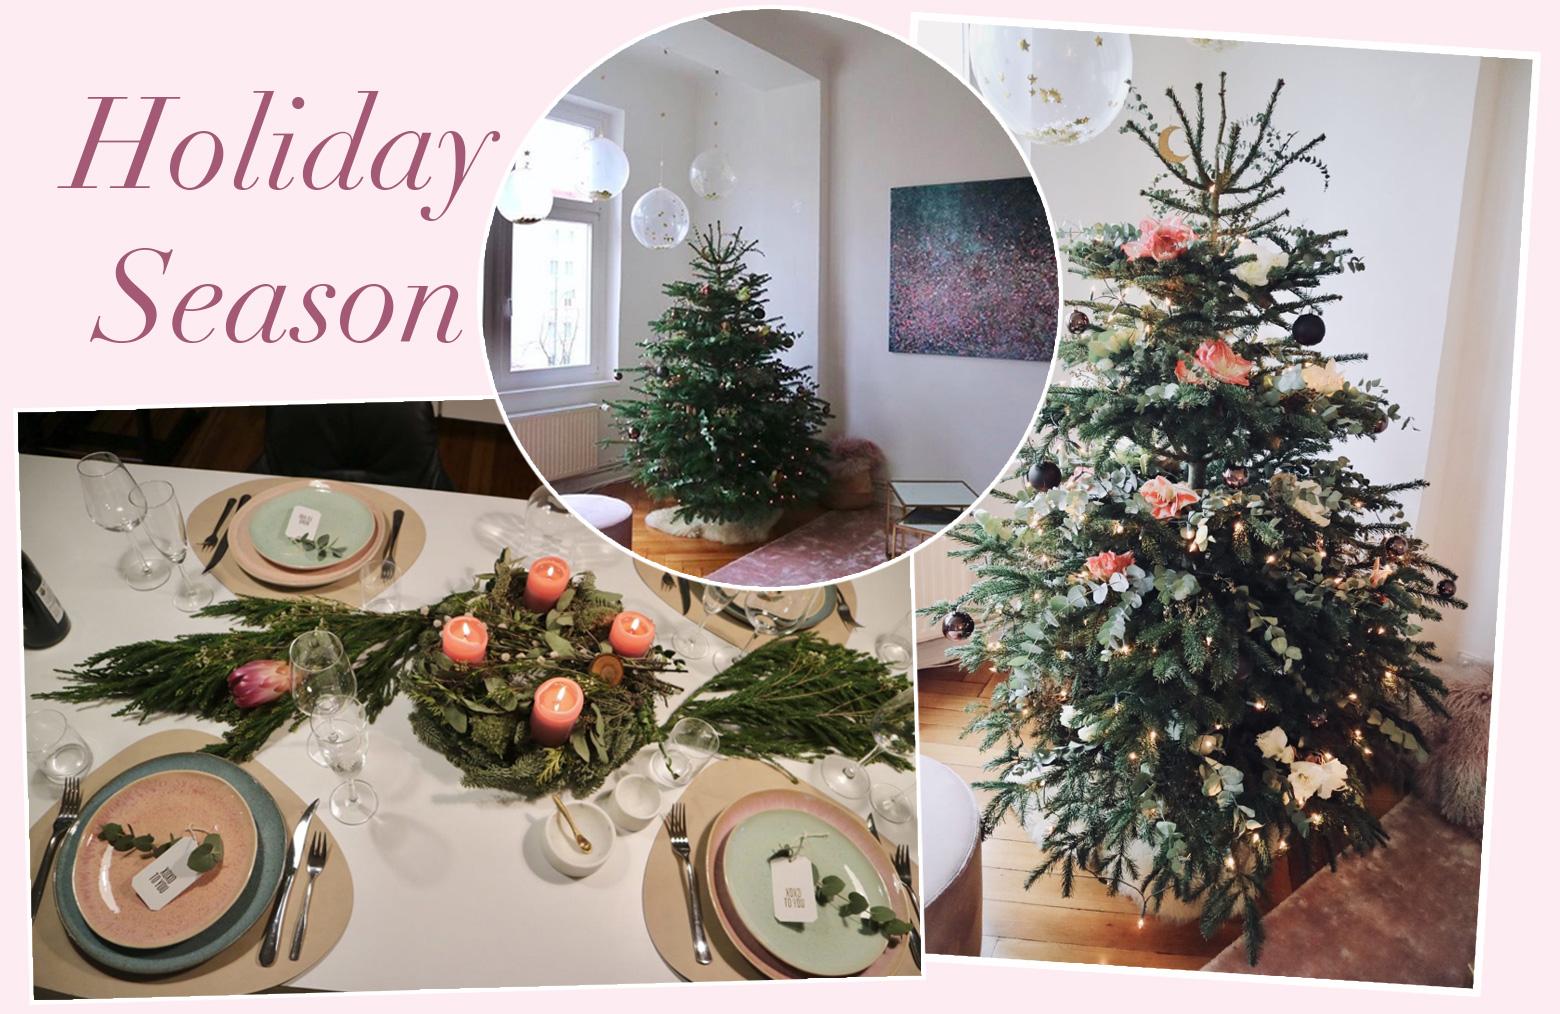 Wann Kann Man Weihnachtsdeko Aufstellen.Der Blumige Weihnachtsbaum So Dekoriert Jessie Ihre Wohnung Zu